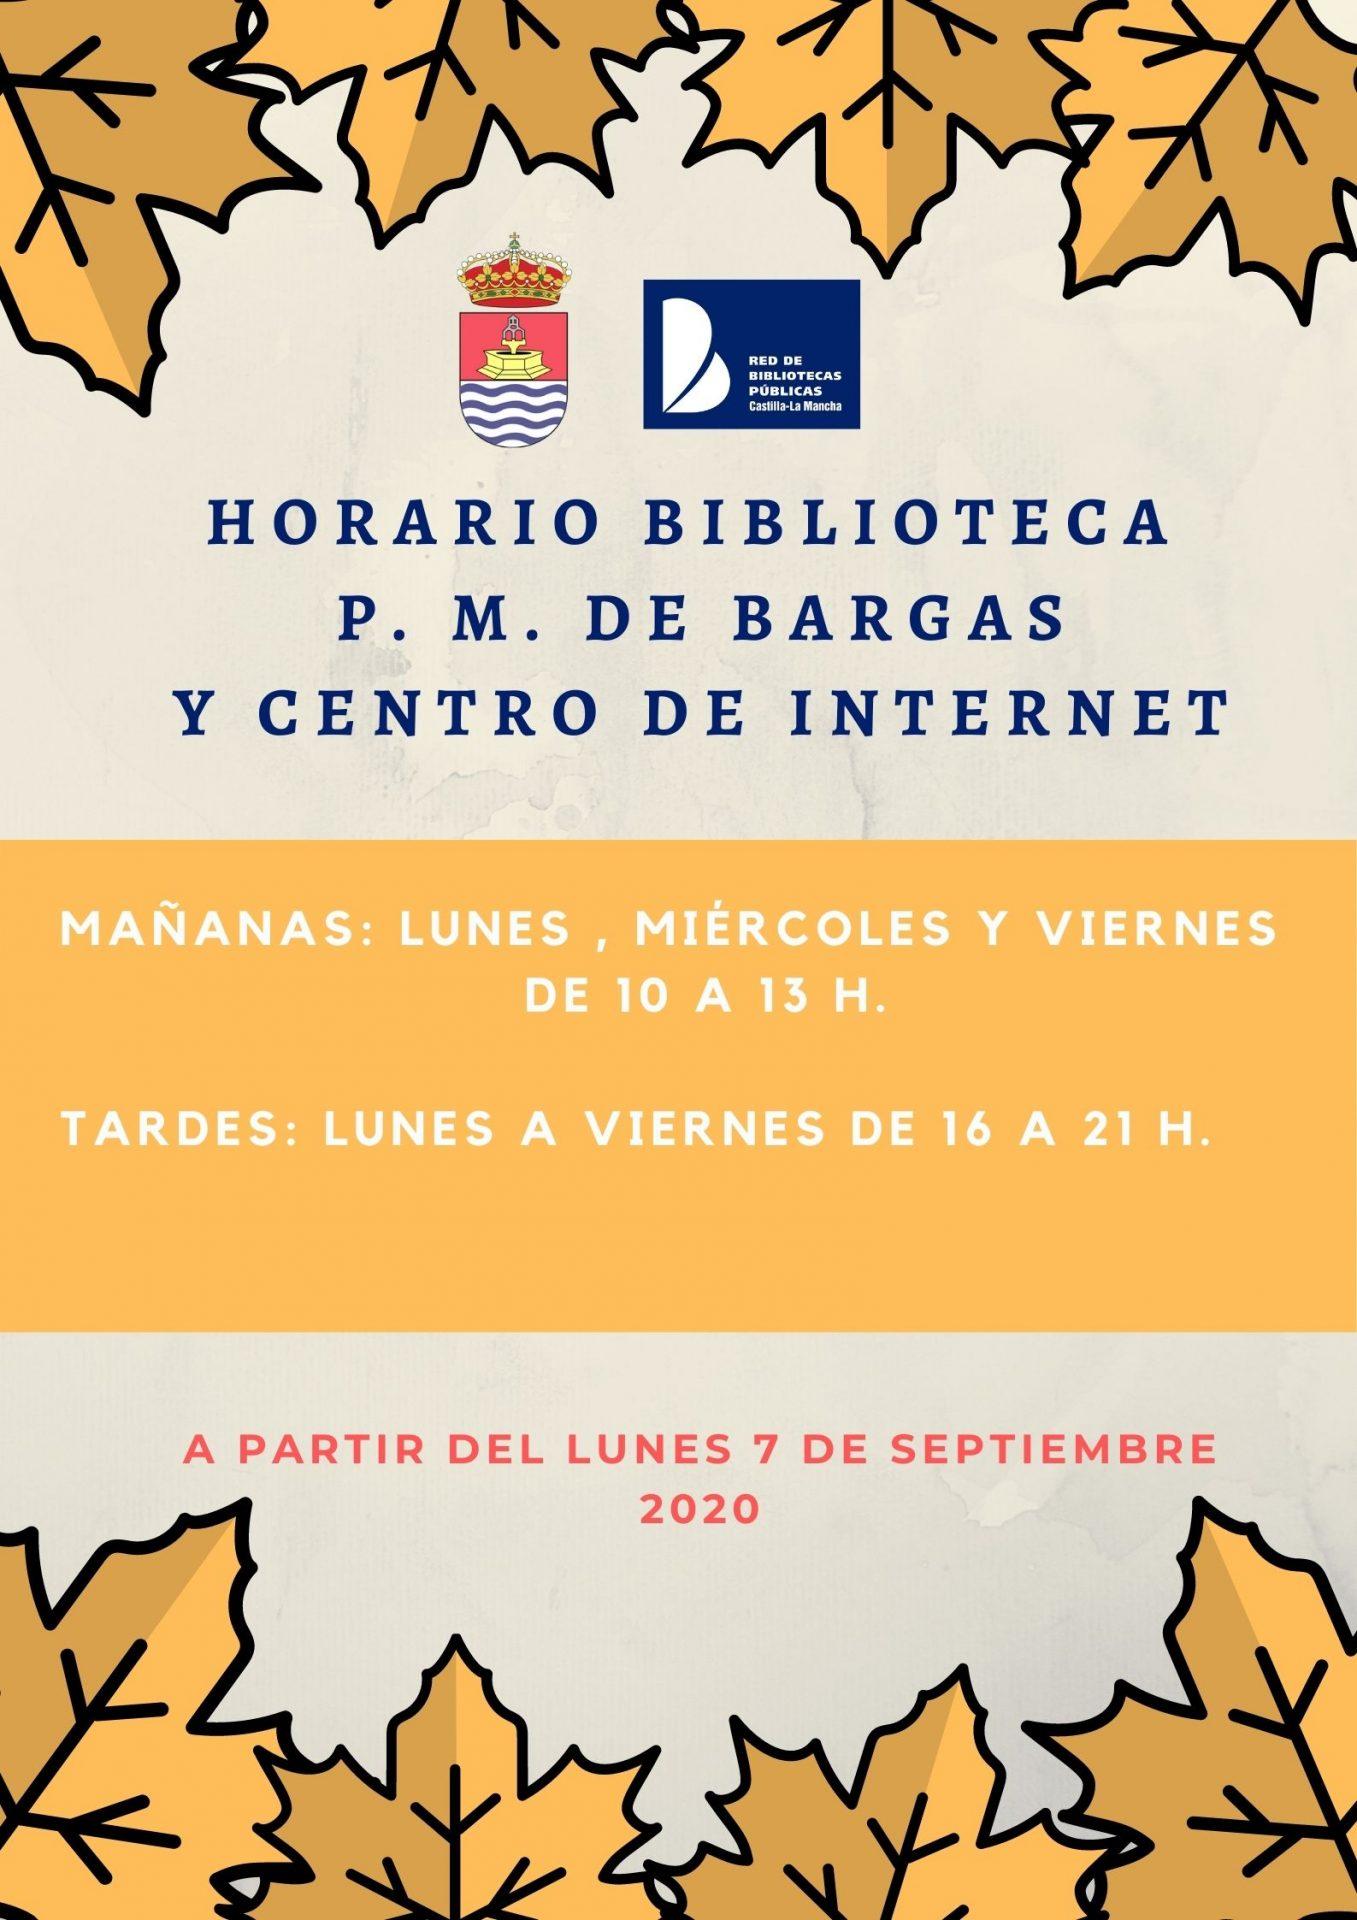 Horarios Biblioteca, P.M. de Bargas y Centro de Internet